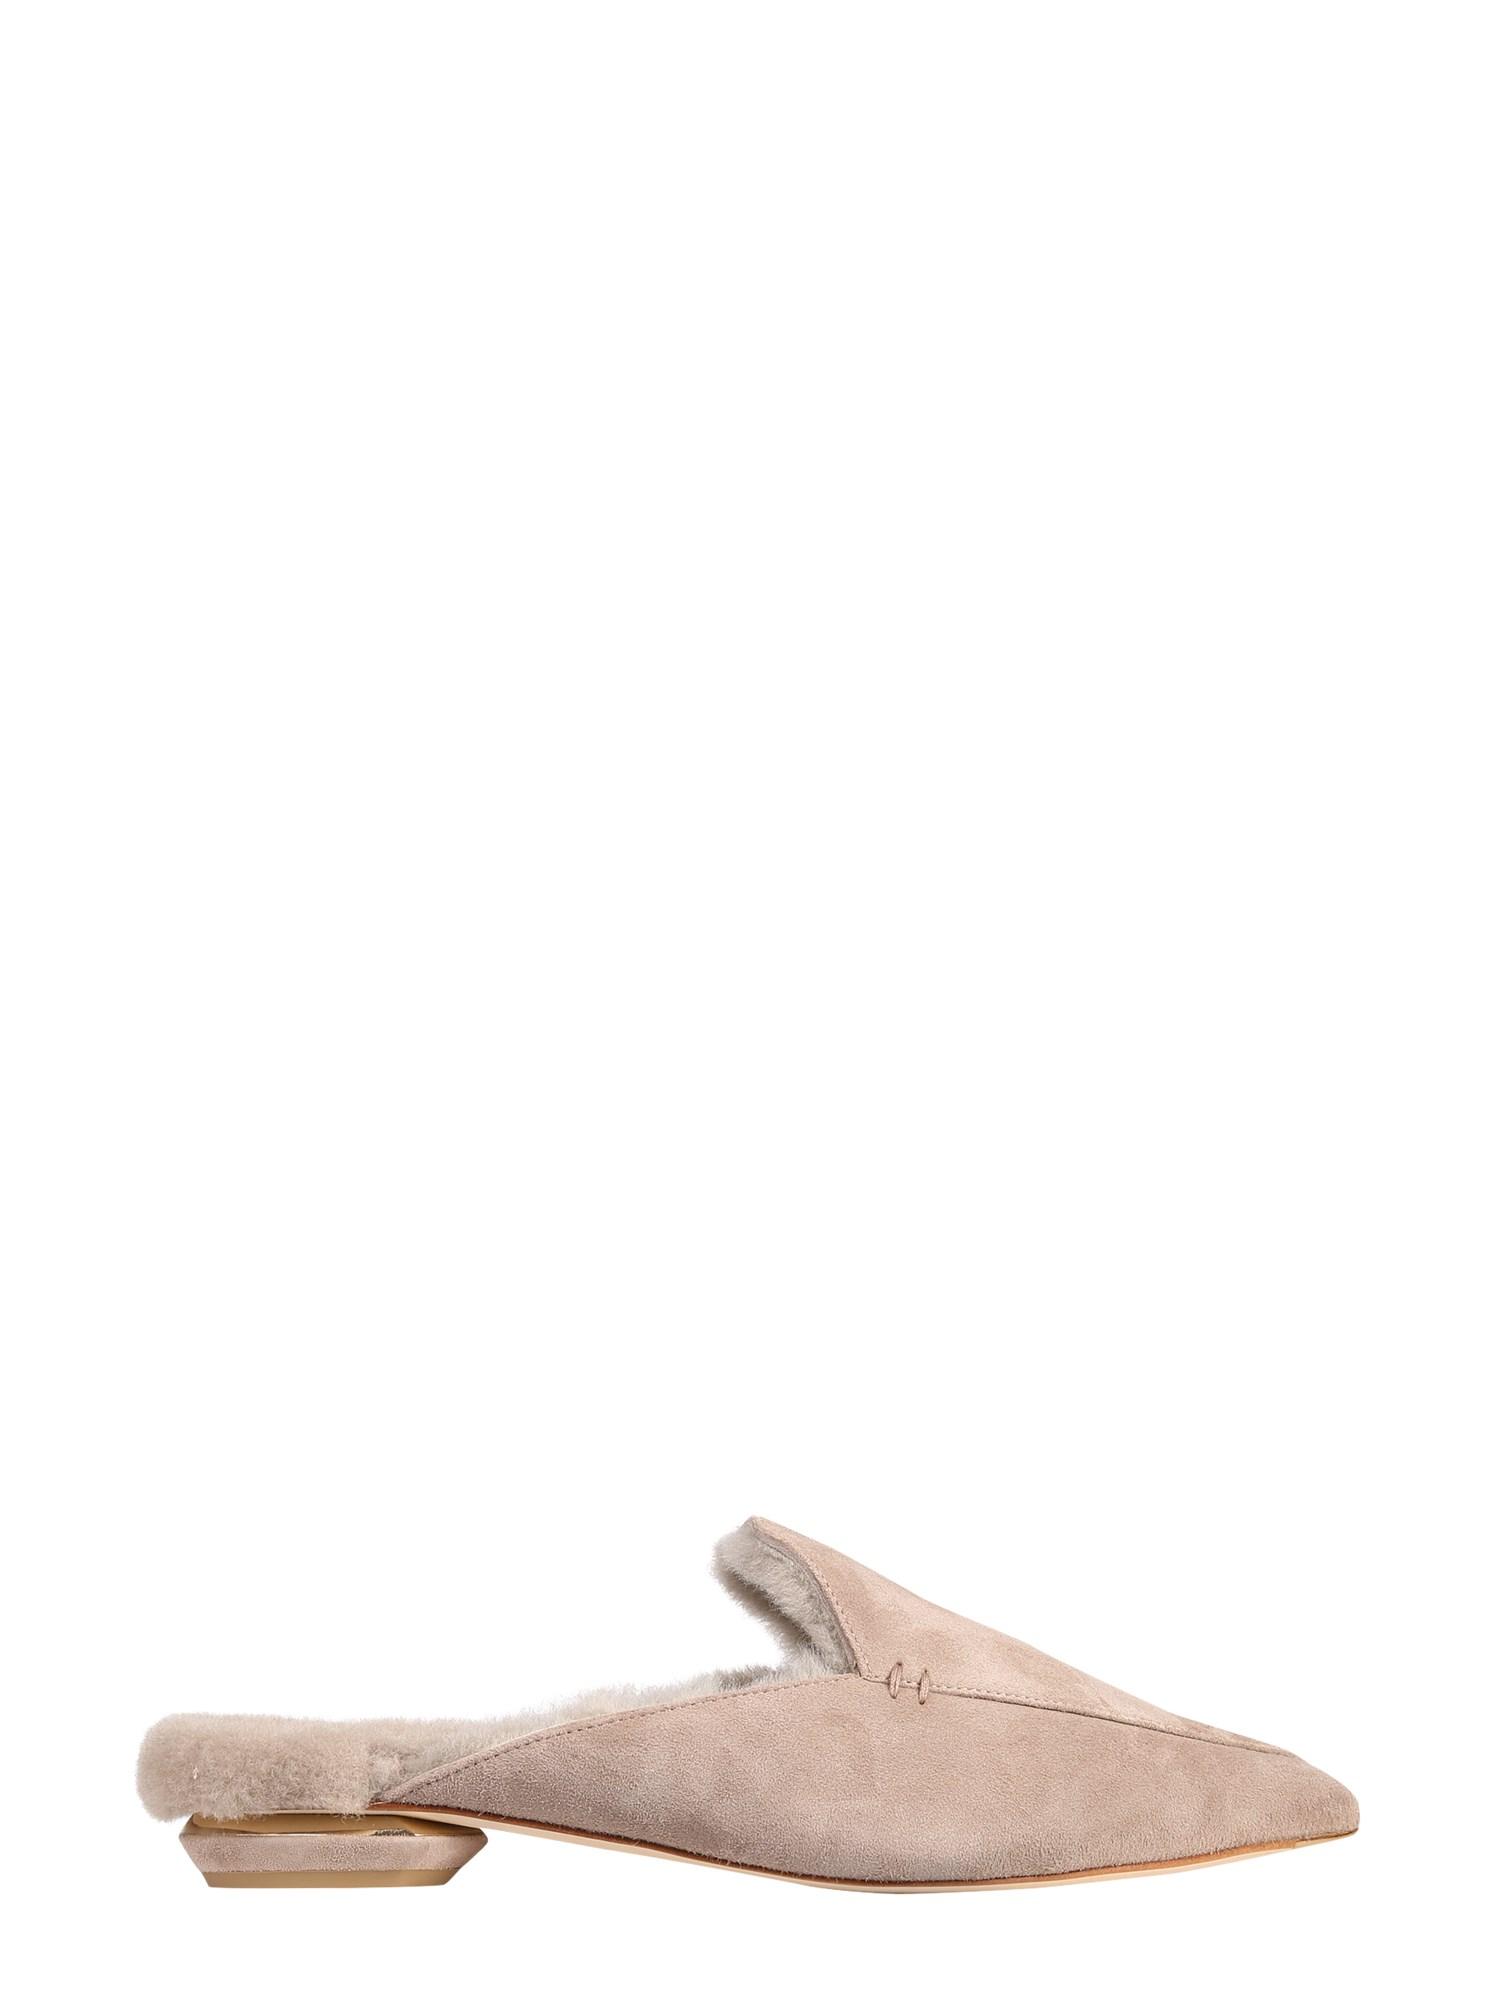 Nicholas kirkwood beya loafers - nicholas kirkwood - Modalova